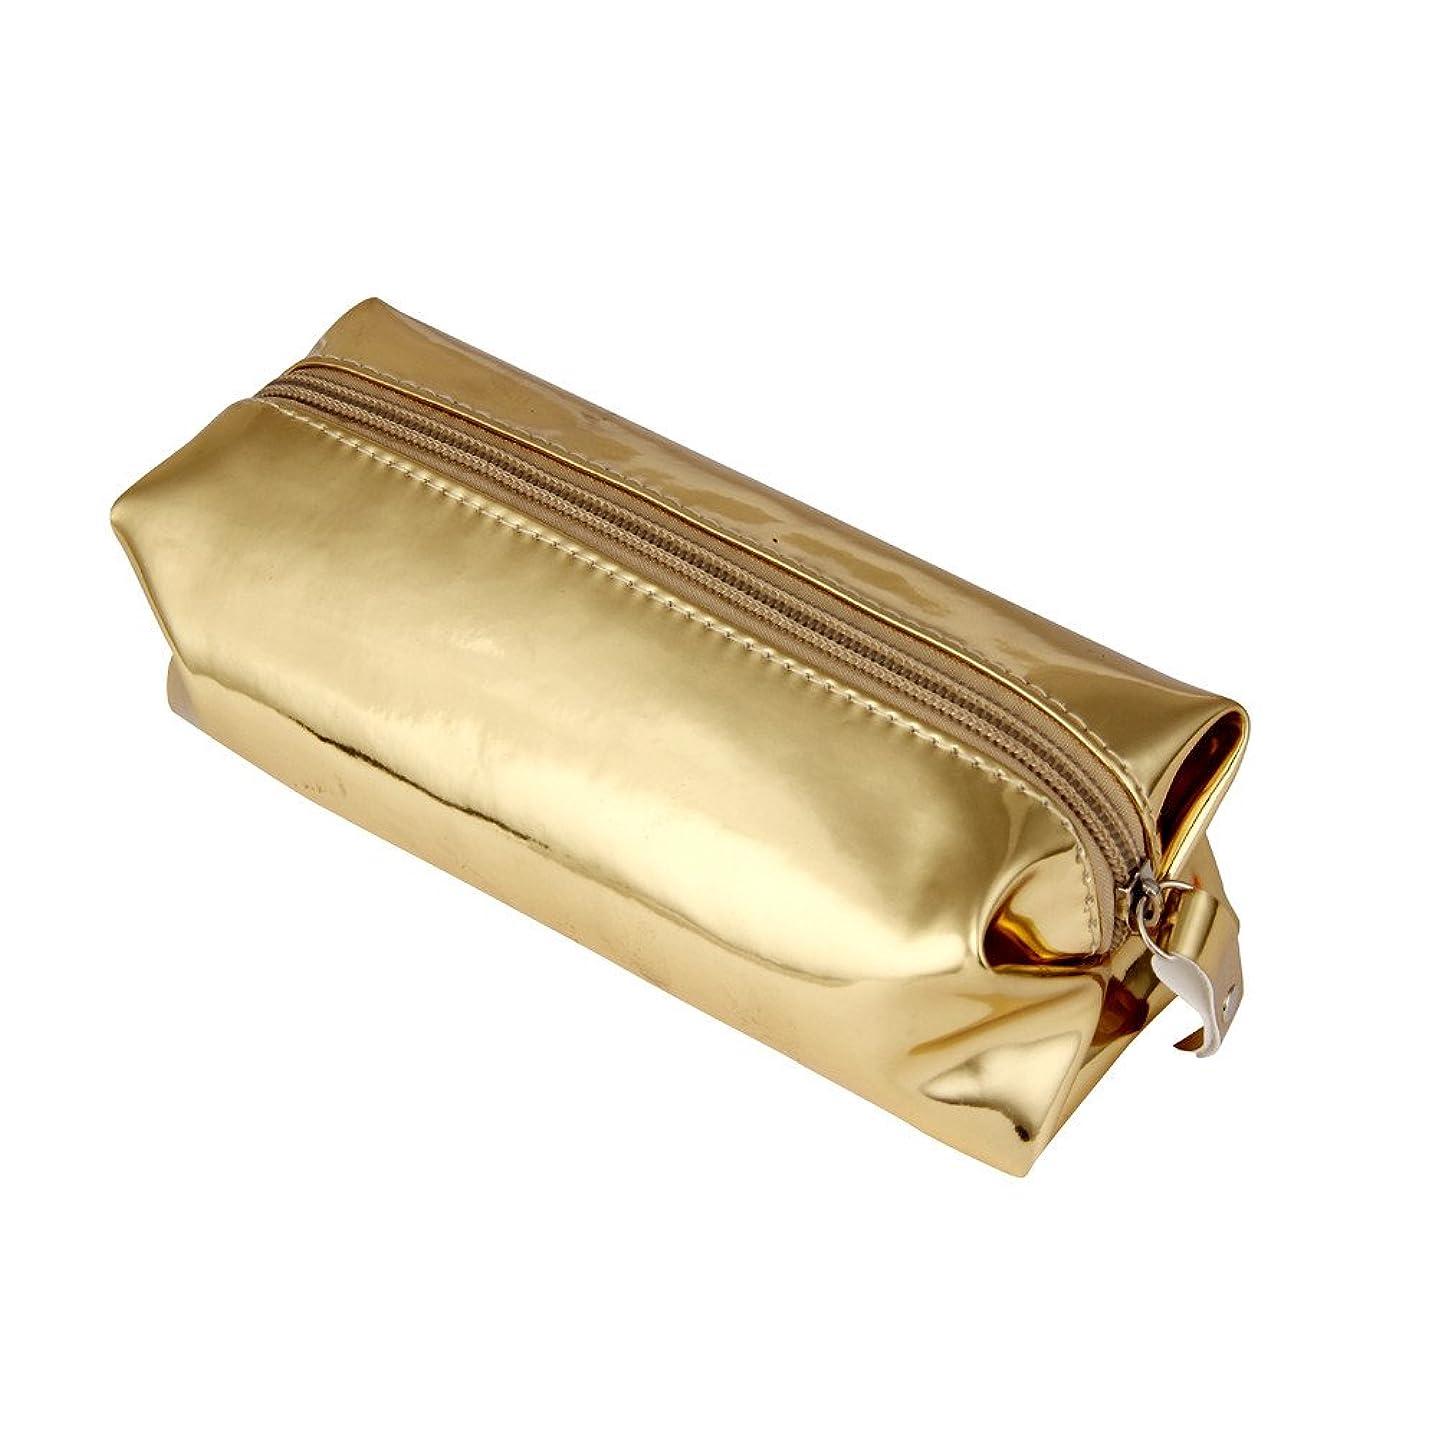 技術的な責任者固めるFortan化粧ポーチ キラキラ革 方形 化粧品 収納バッグ メイクボックス コスメポーチ メイクアップポーチ 小物入れ 大容量 携帯し易い (金色)